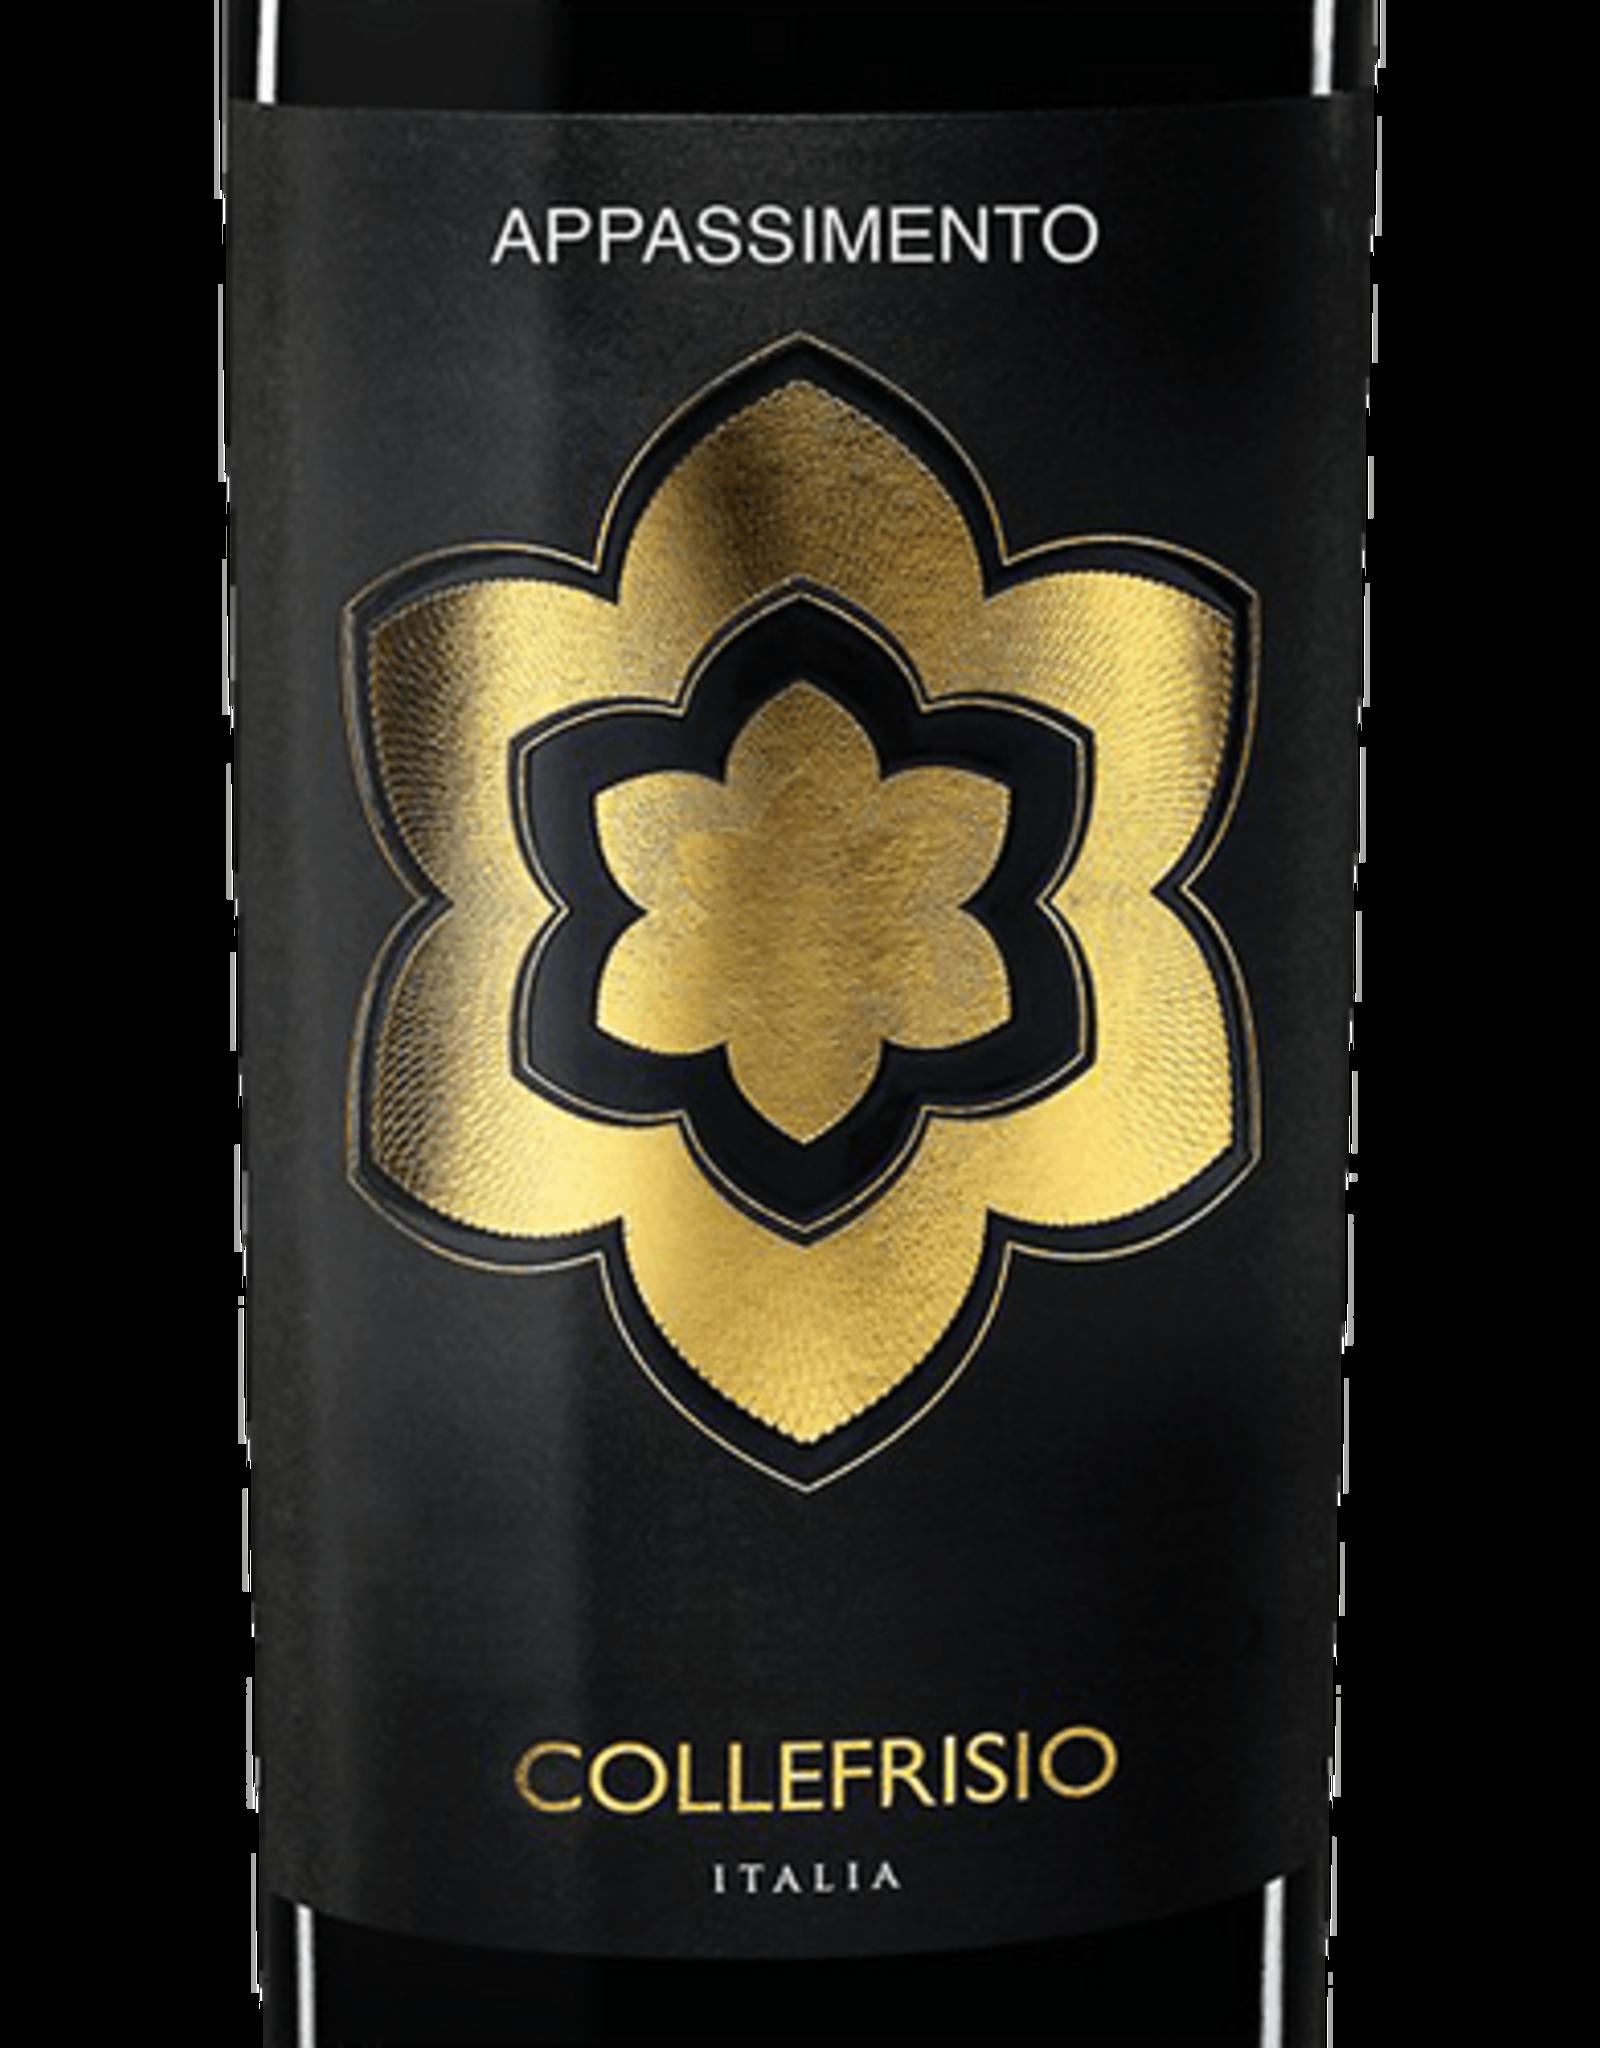 Collefrisio Appassimento Vino Rosso 2018